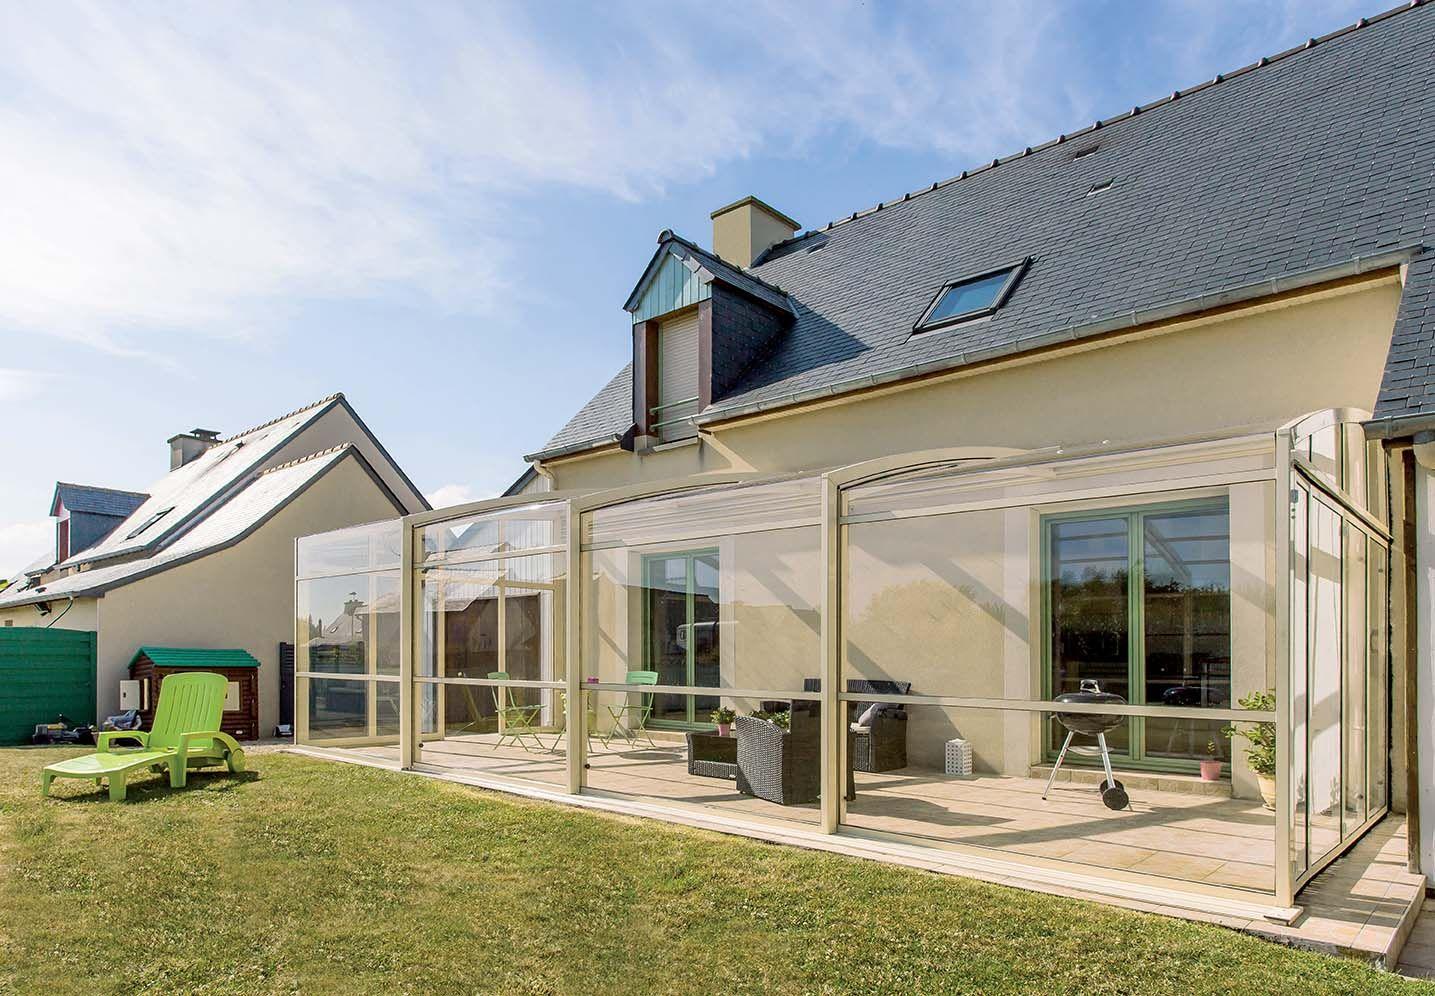 Legere Et Design Cette Structure En Aluminium Proche D Une Veranda Dans Son Allure Permet De Retrouver Le Principe De La Biotherm Abri Terrasse Terrasse Abri